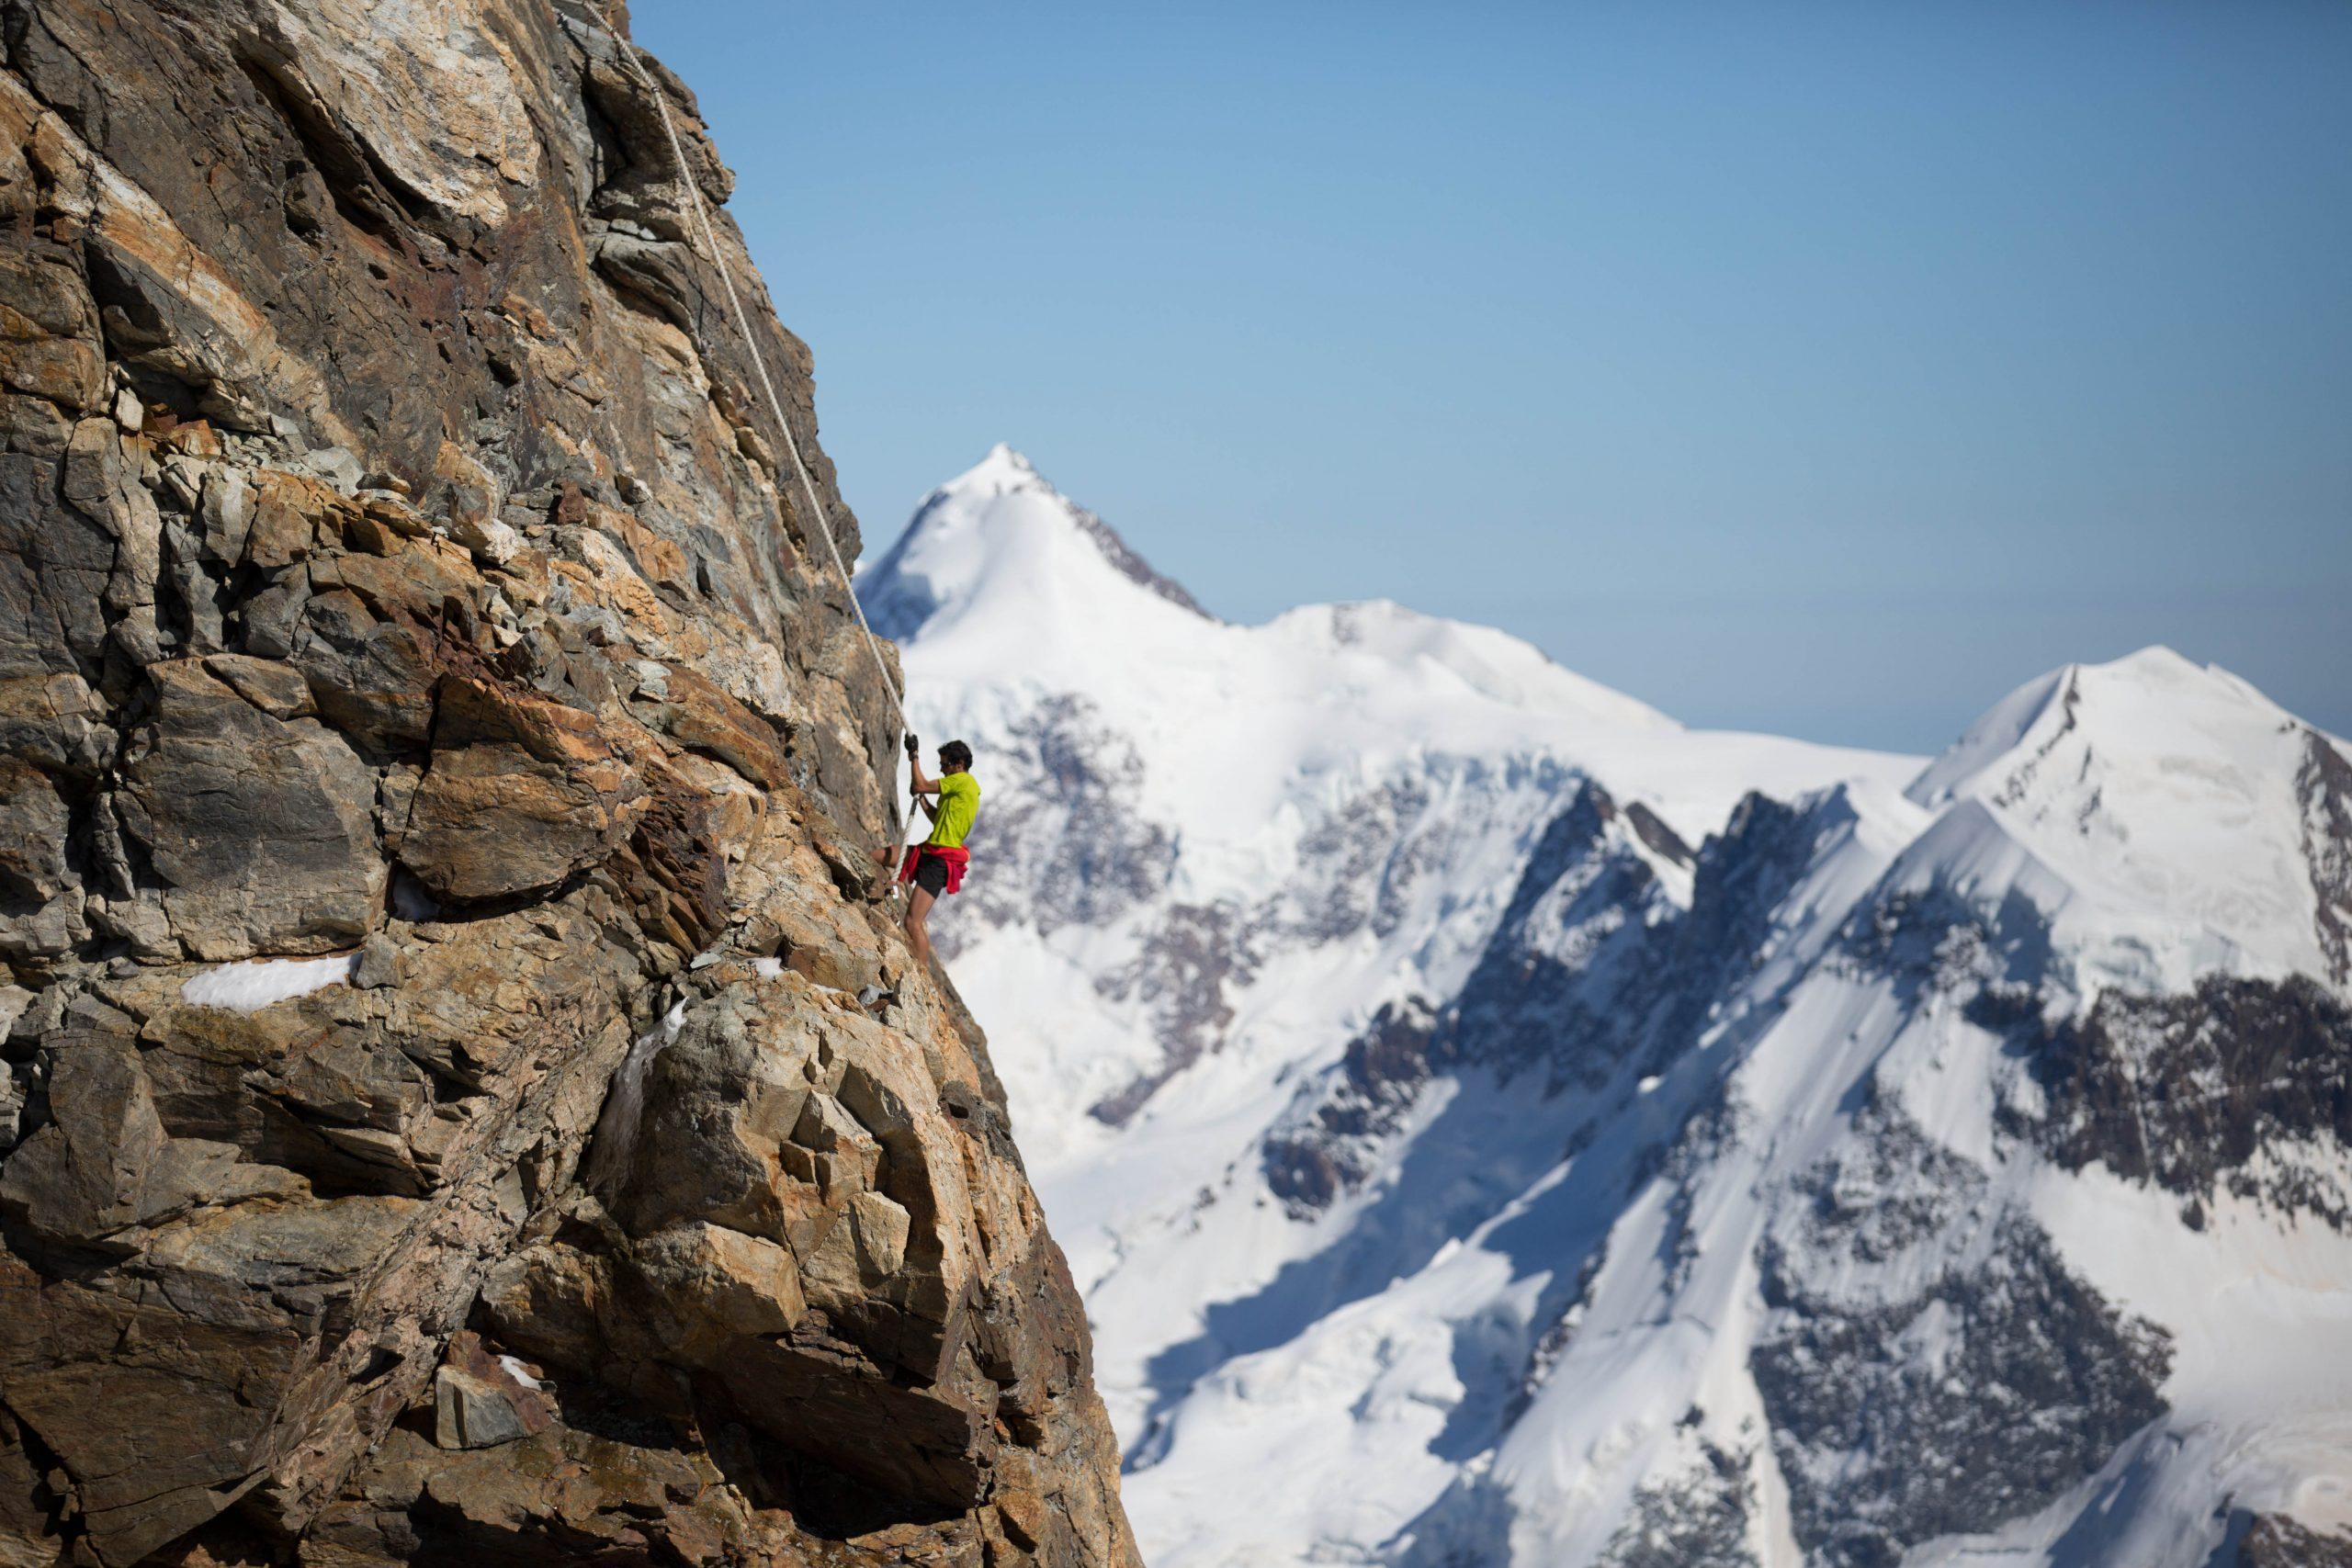 Kilian Jornet leicht bekleidet bei seinem Rekord am Liongrat am Matterhorn (2:52 Stunden rauf und runter). Foto: Summits of My Life